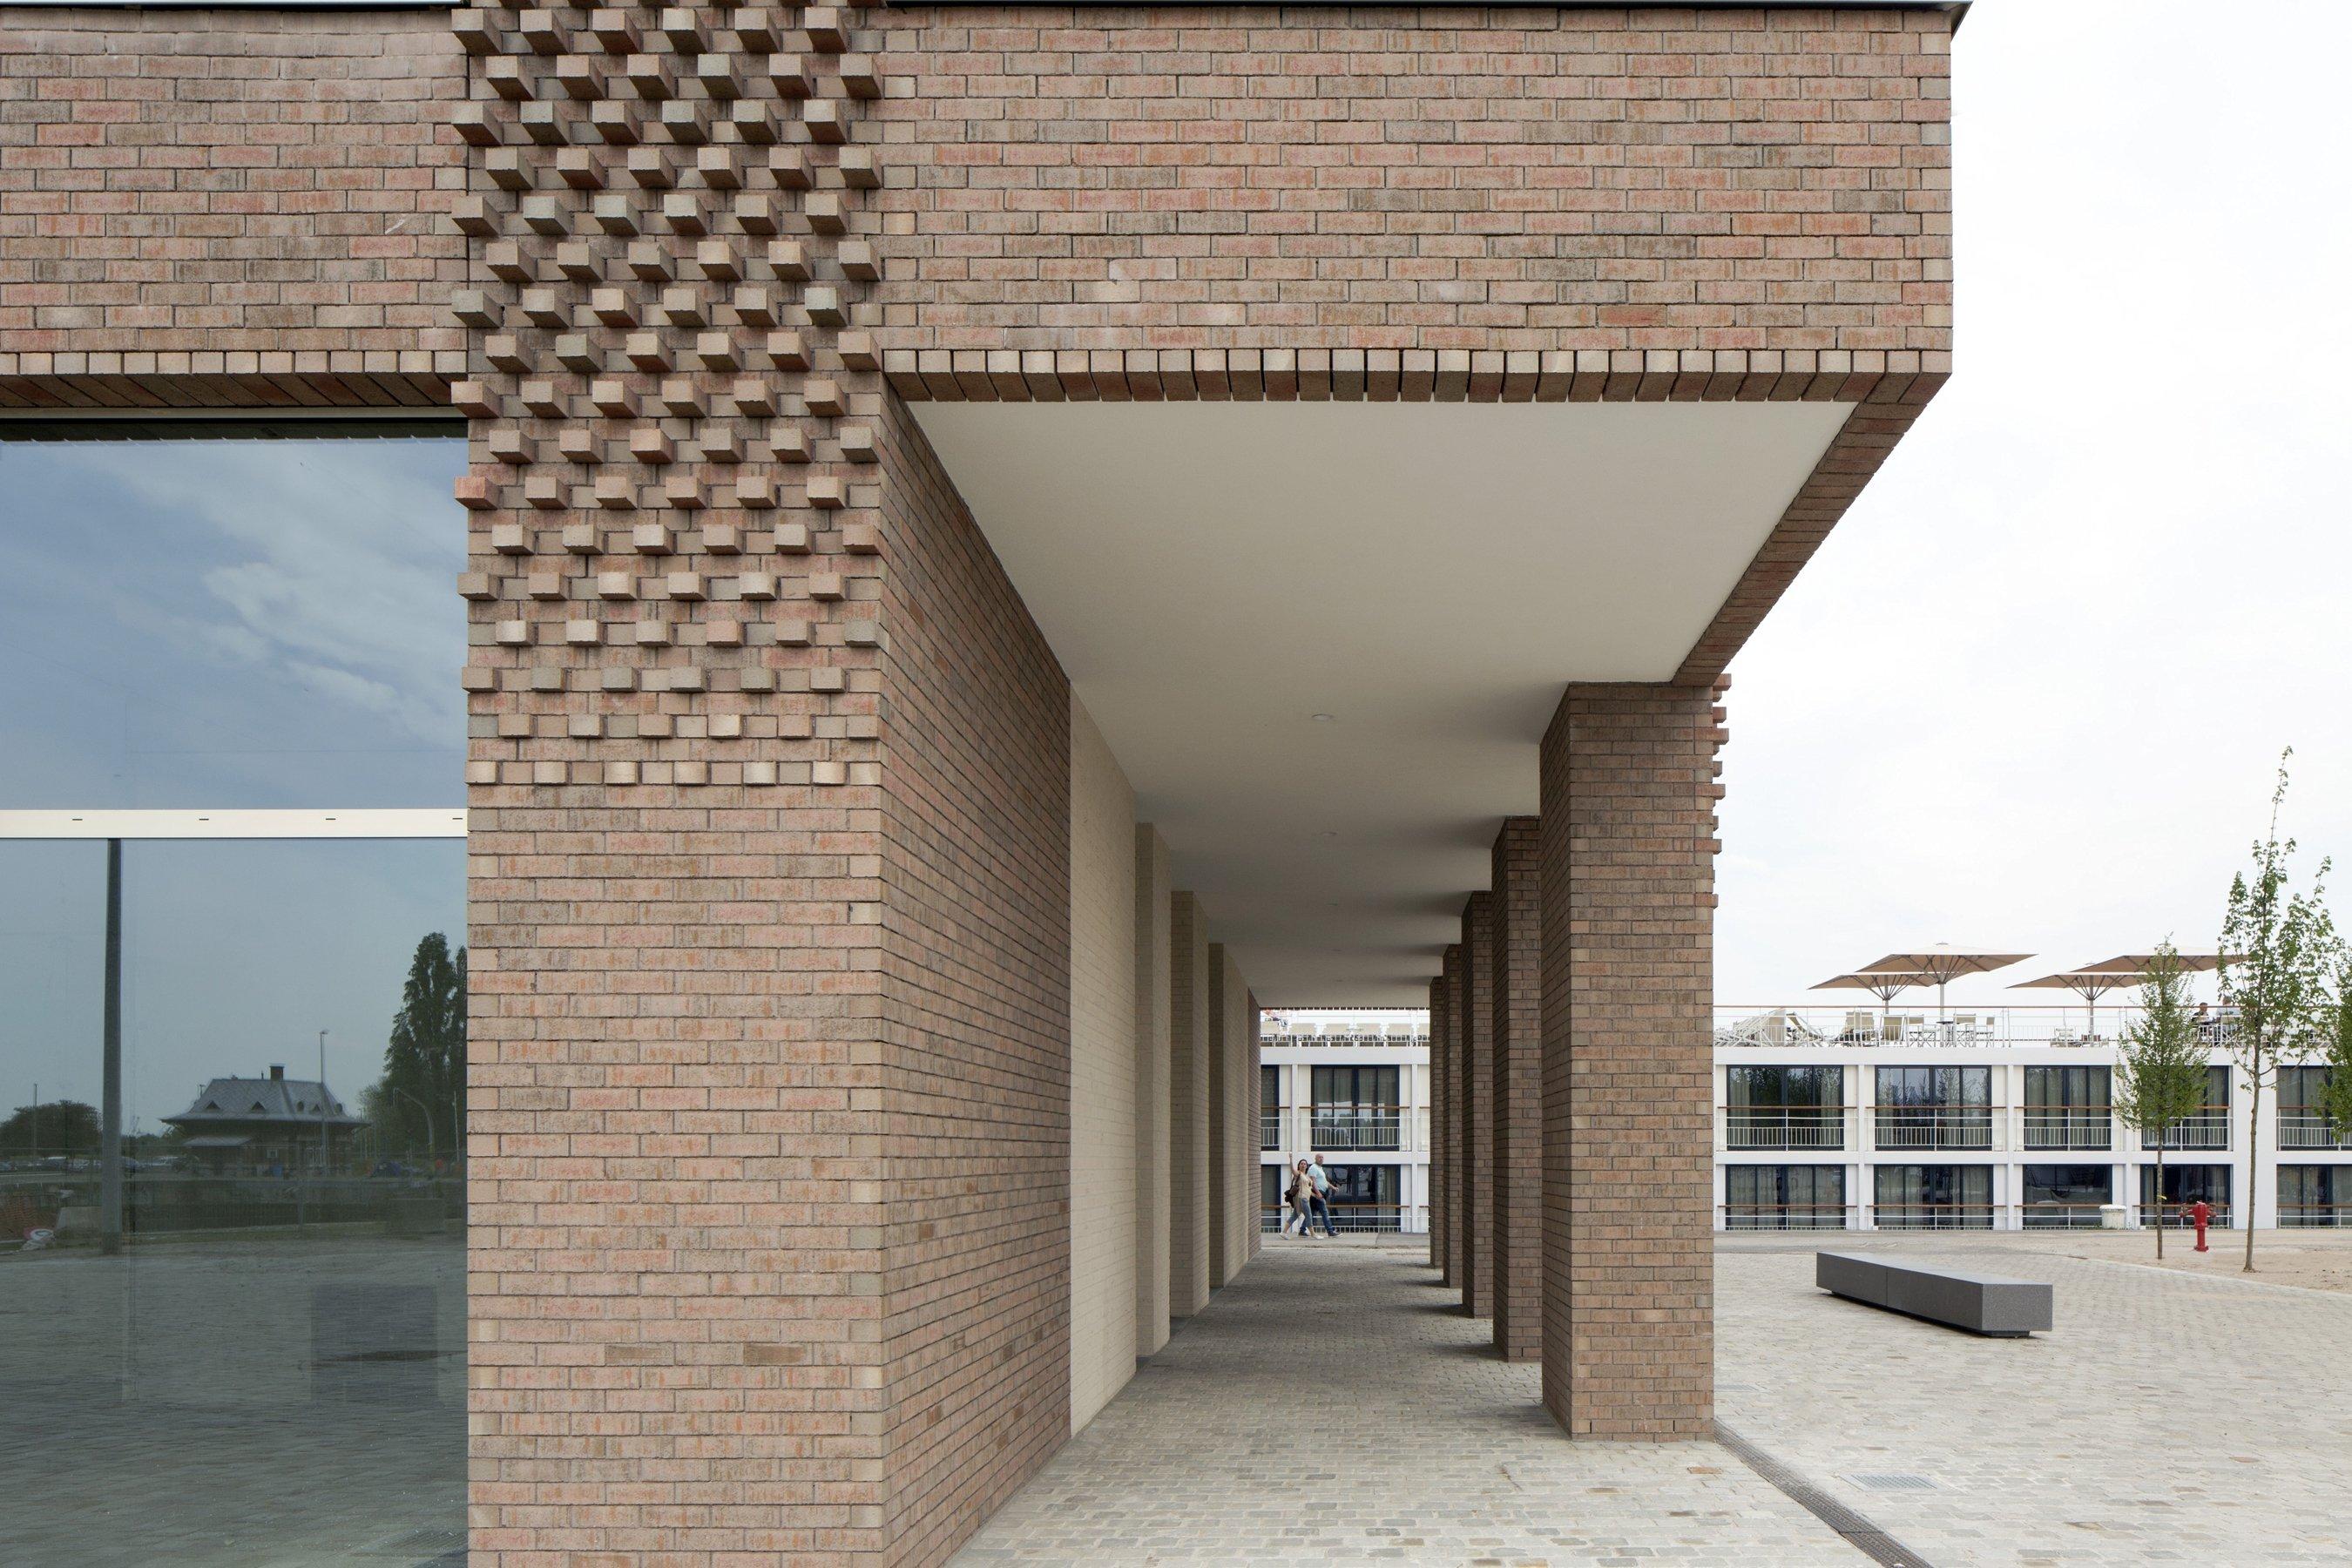 Wienerberger brick award ziegel architektur ausgezeichnet